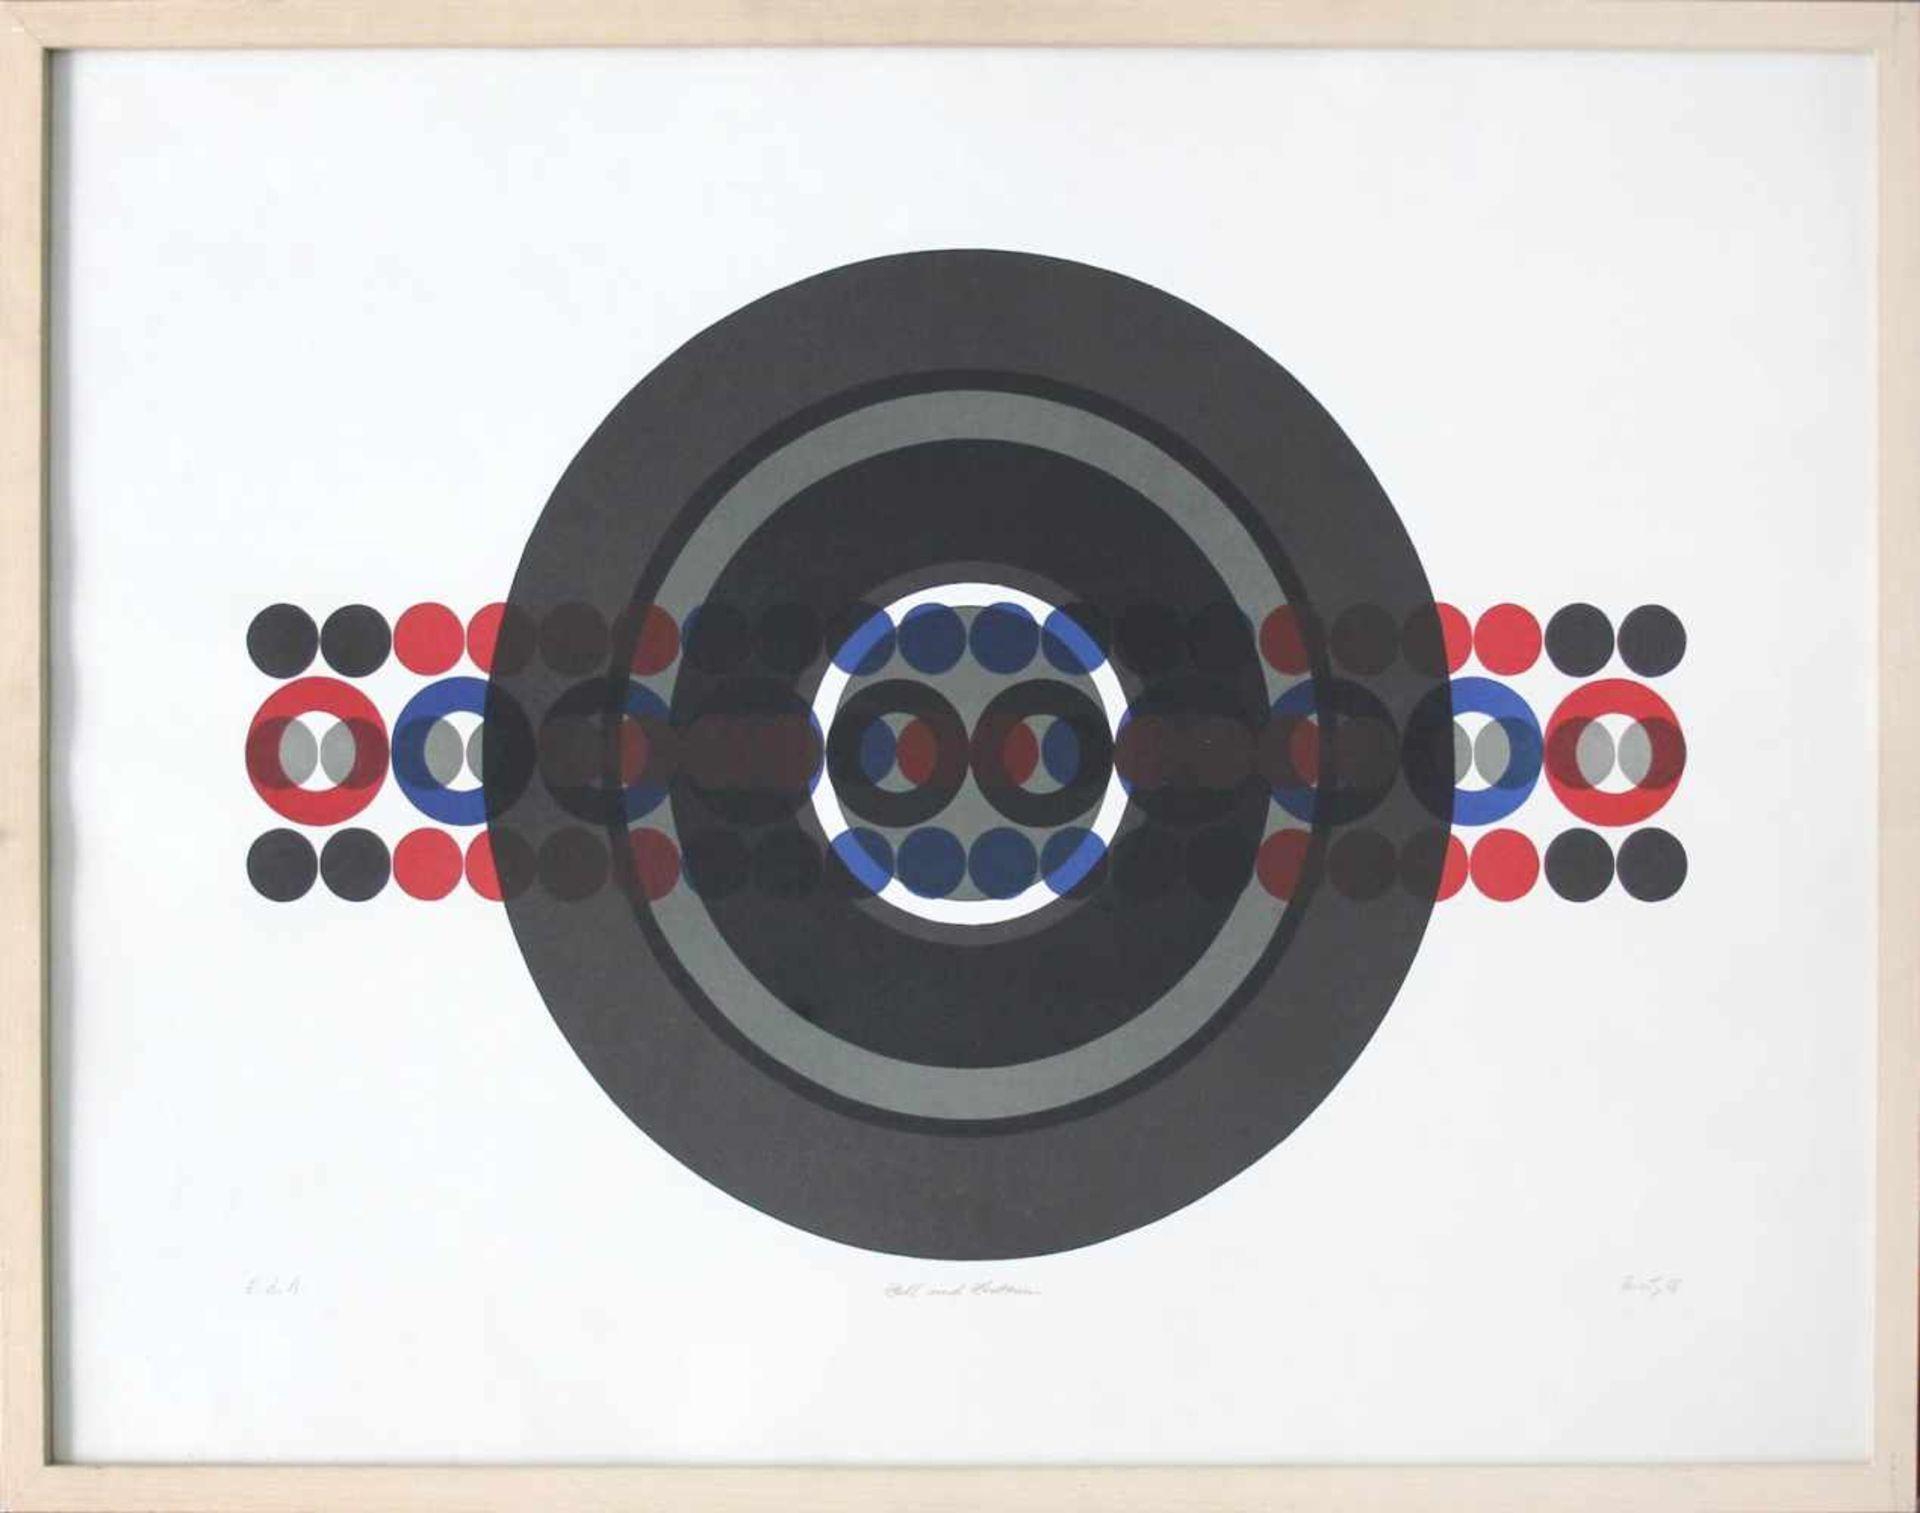 Hermann J. Painitz geb. 1938 Zahl und Zentrum 1968 Farbserigraphie handsigniert, betitelt, datiert - Bild 2 aus 5